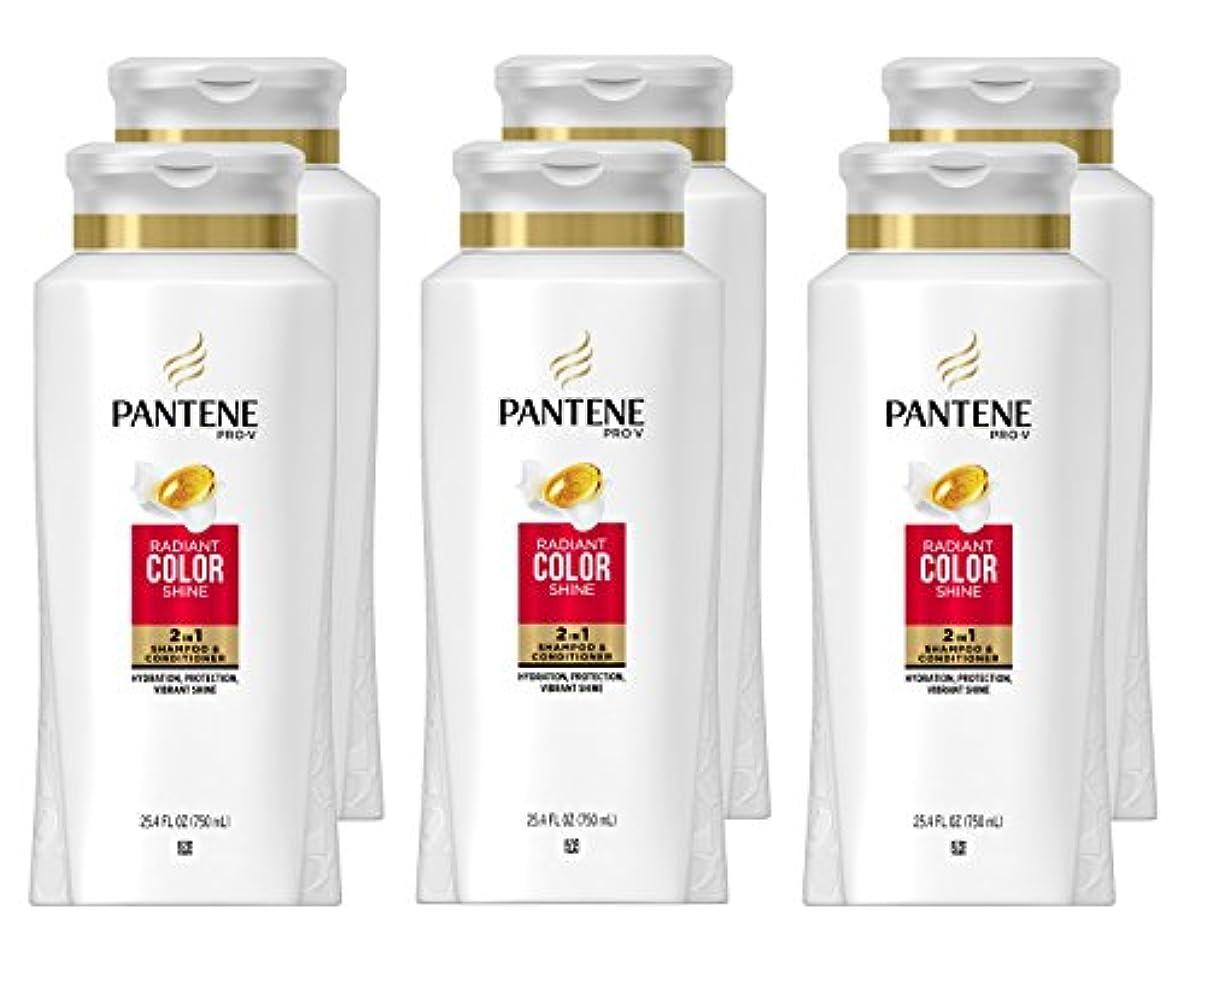 蓮話入り口Pantene プロVラディアン色1シャンプー&コンディショナー、25.4液量オンスで磨き2(6パック)(梱包異なる場合があります)